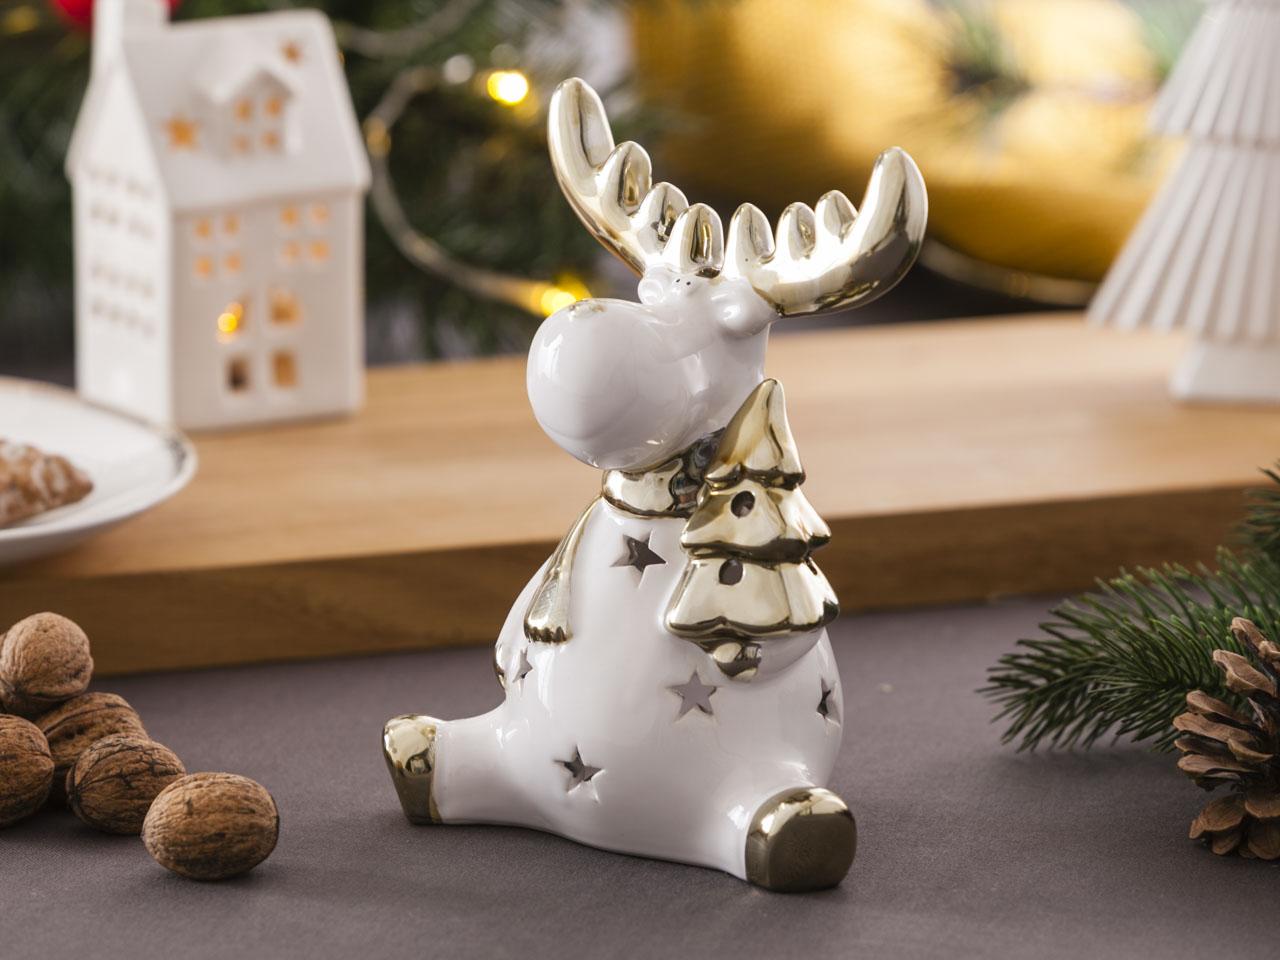 Ozdoba / figurka / dekoracja świąteczna Boże Narodzenie Altom Design Modern renifer biały ze złotem siedzący 13,5x8x17,5 cm